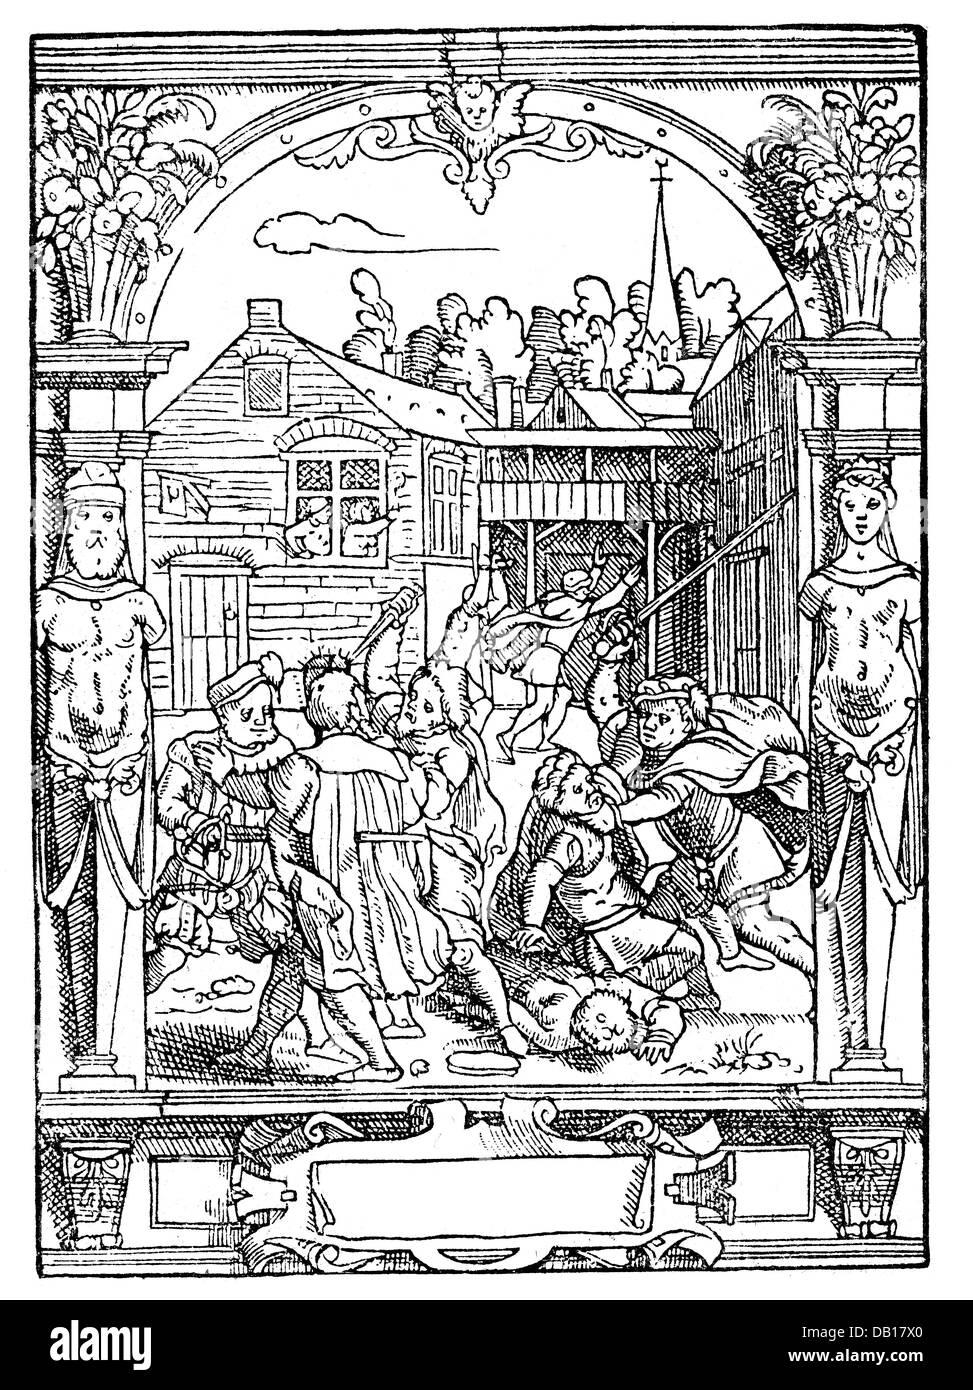 La Révolte des confréries à Valence 1520 - 1521, l'artiste n'a pas d'auteur pour être effacé Banque D'Images